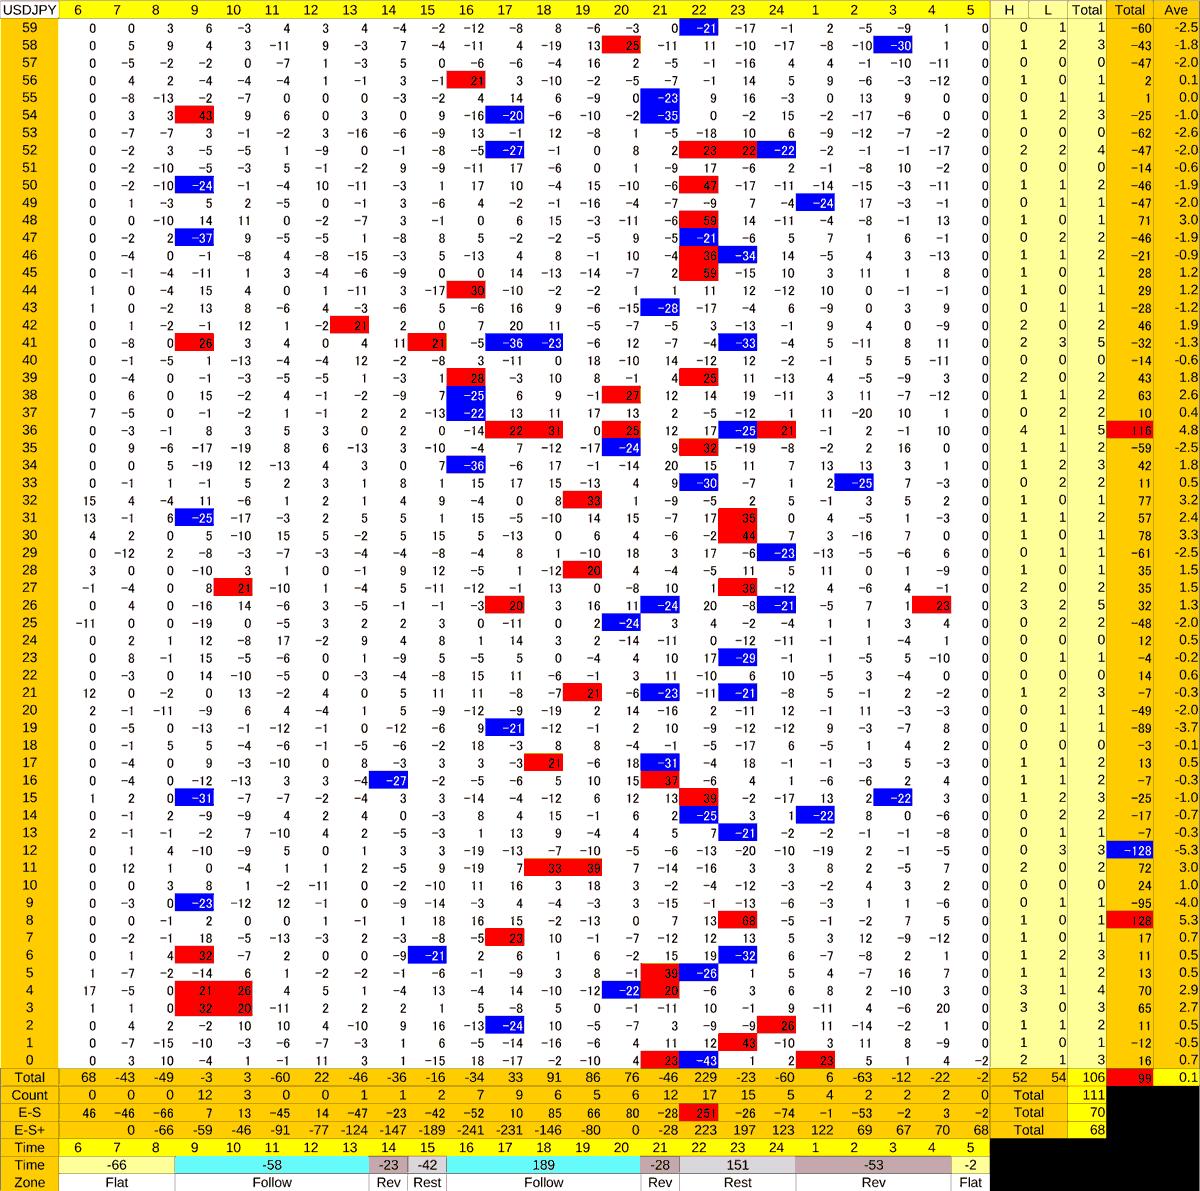 20200821_HS(1)USDJPY